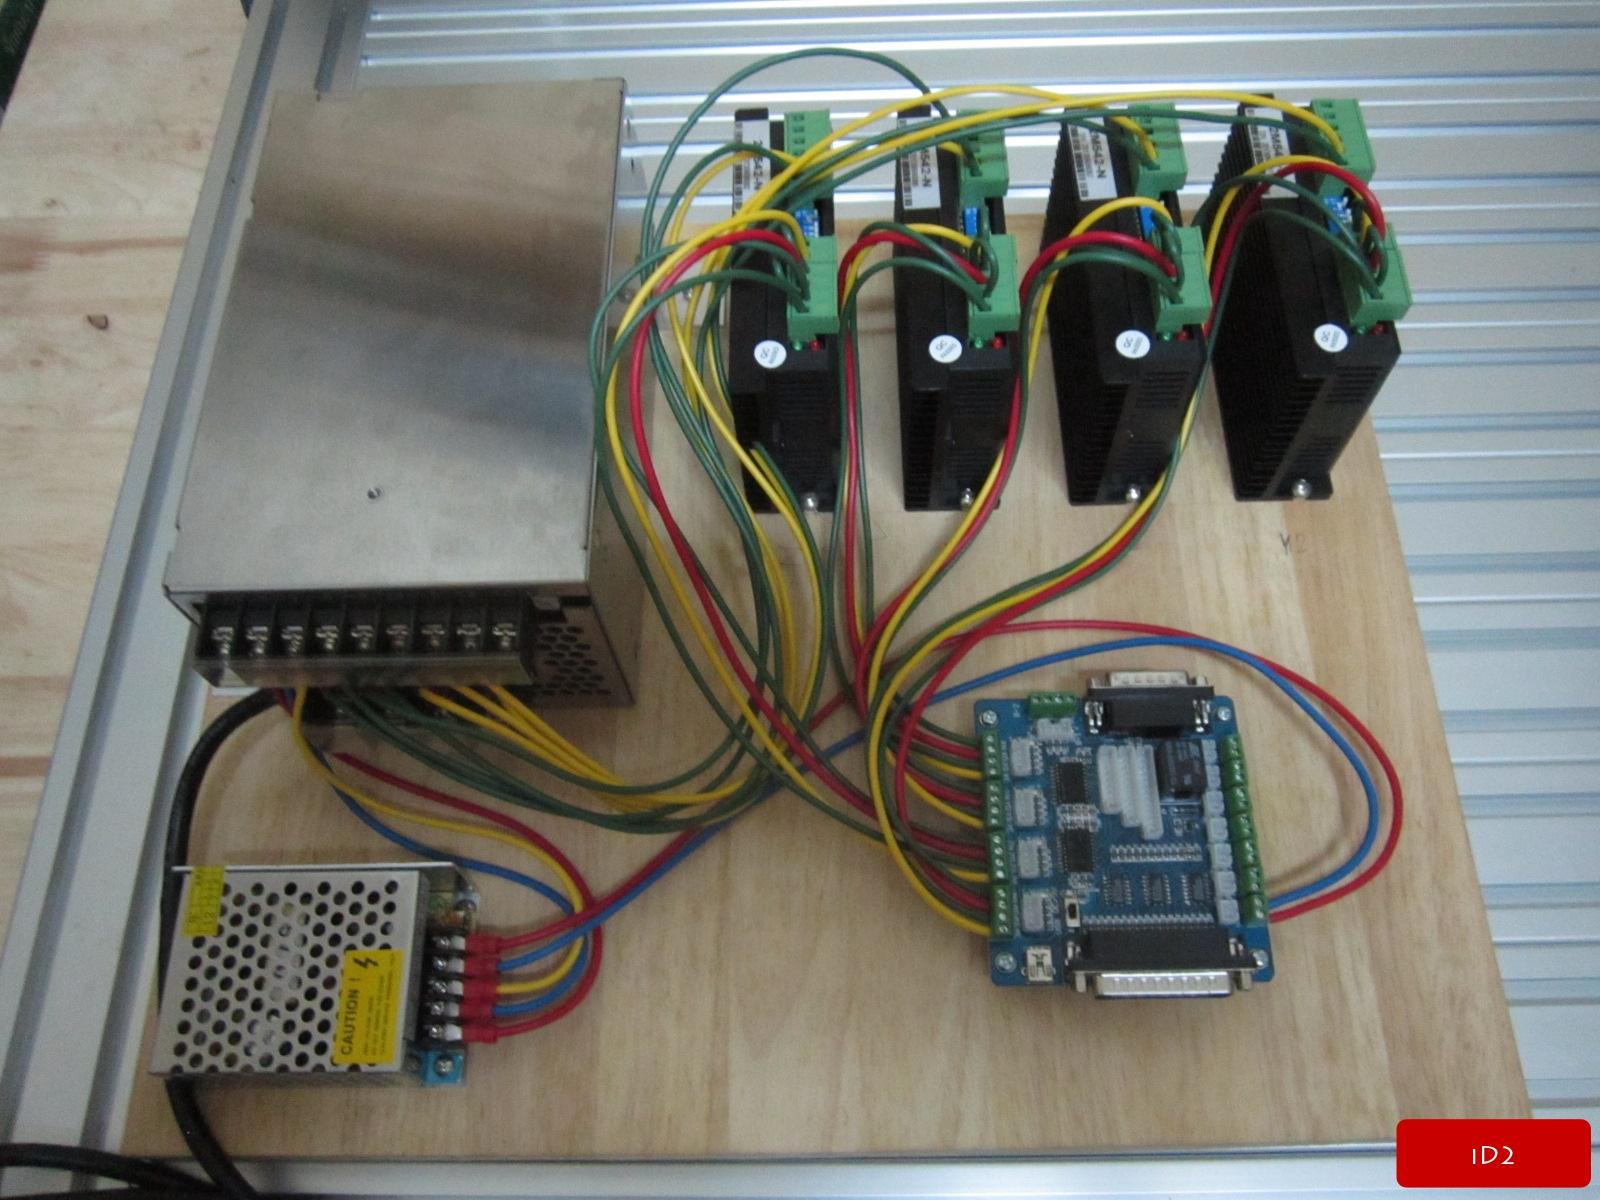 Cnc Electronics Wiring  U2013 Id2cnc